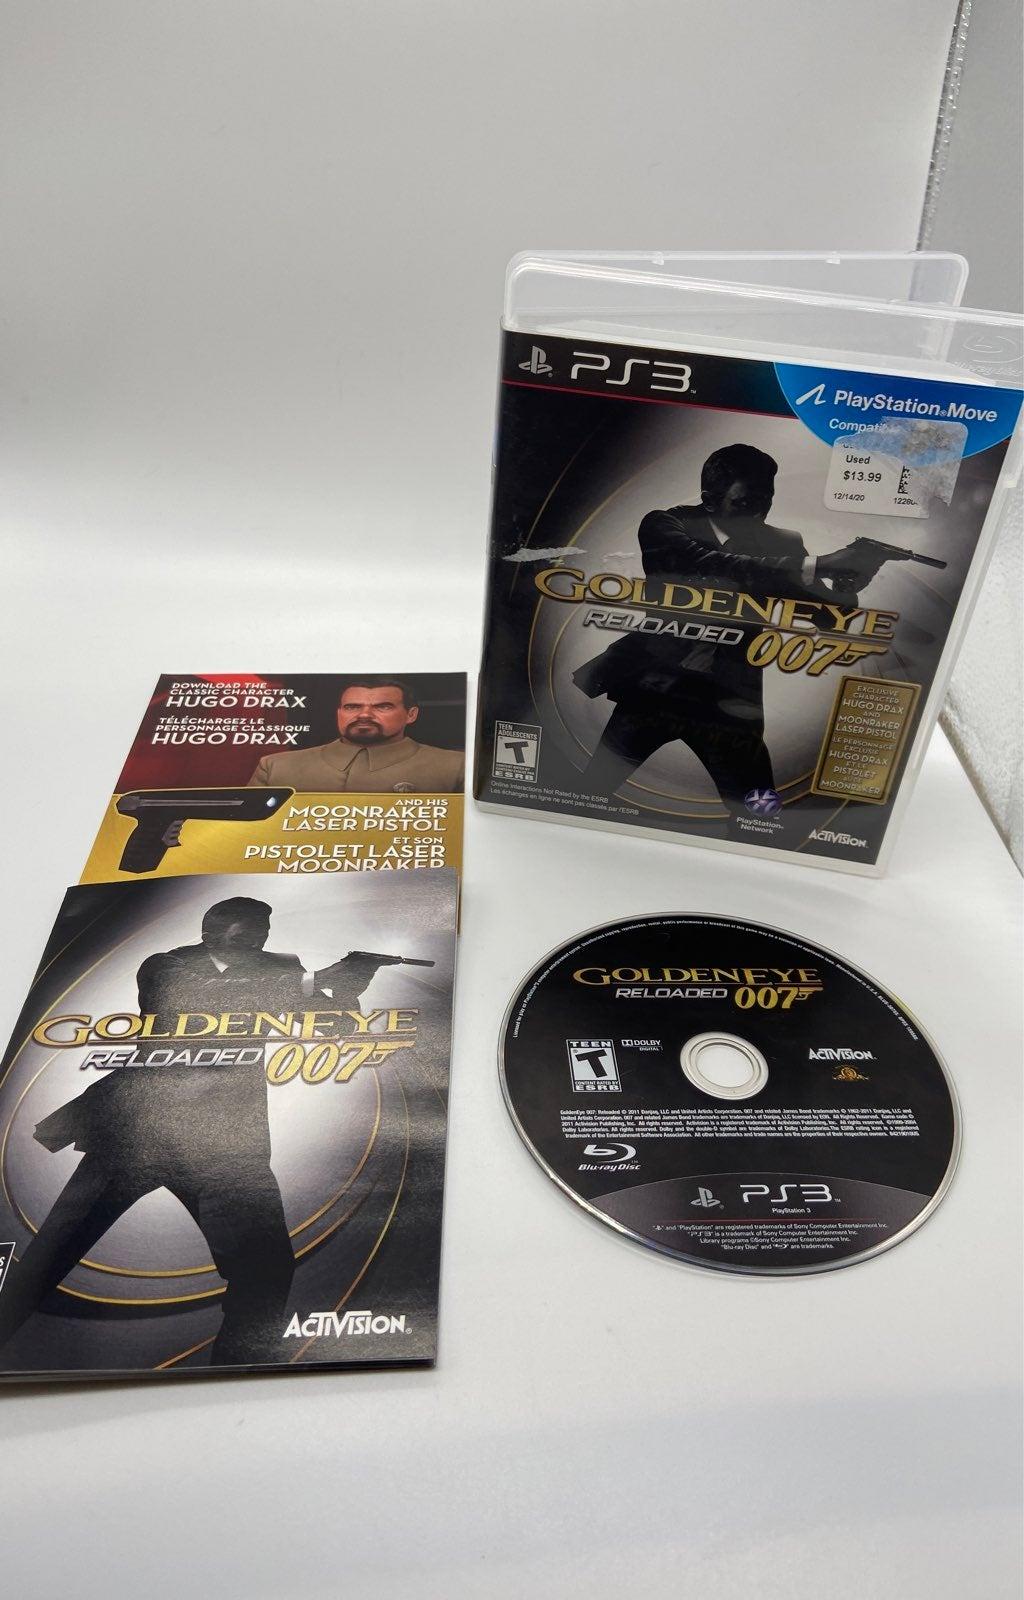 GoldenEye 007: Reloaded on Playstation 3